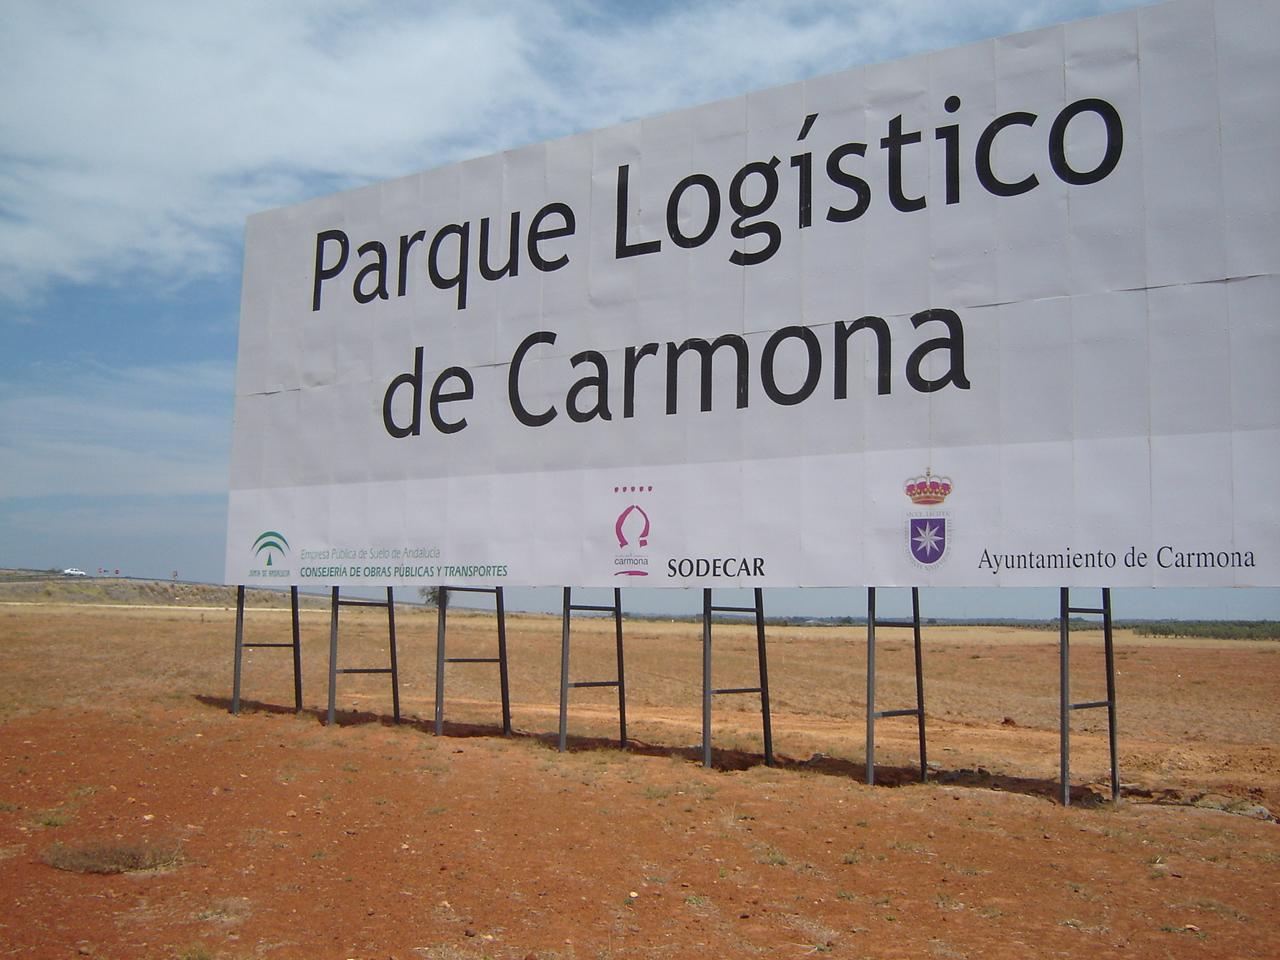 El Parque Logístico de Carmona sigue siendo la esperanza de creación de empleo para el Consistorio. Foto: Alberto Méndez